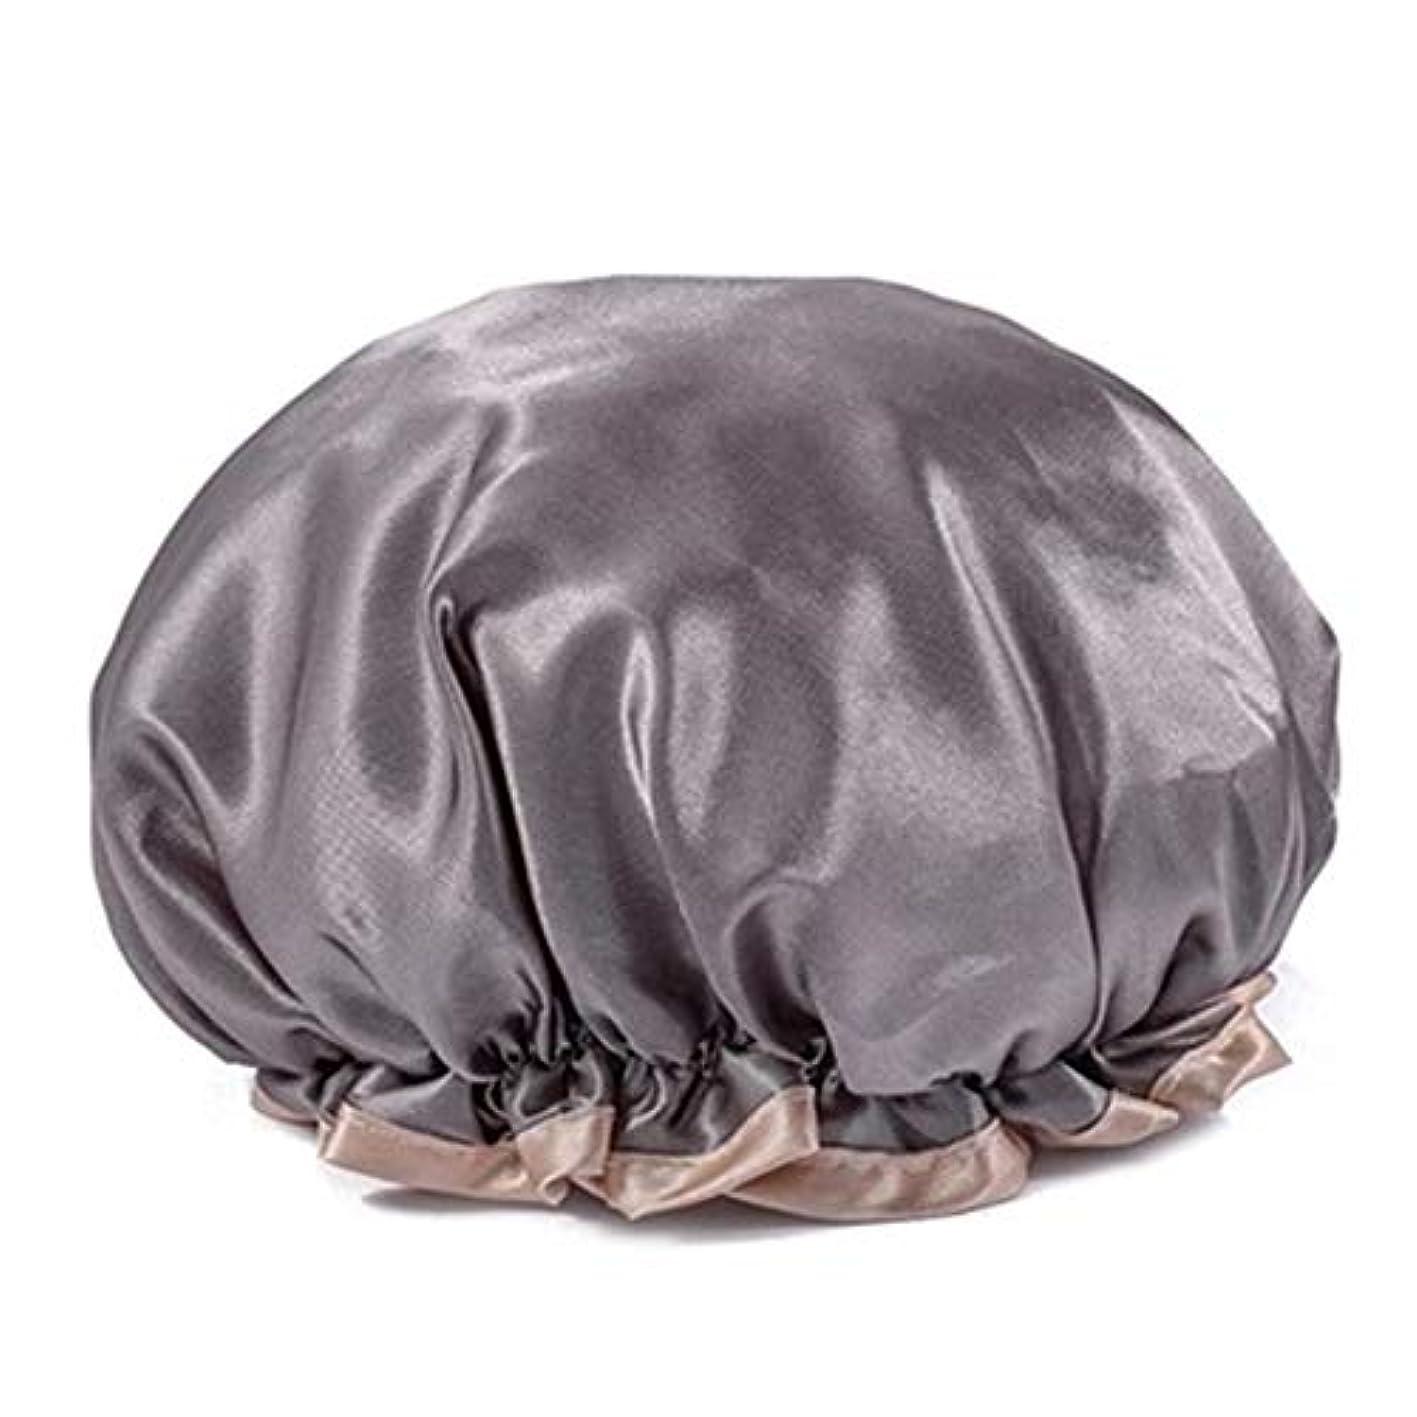 惨めな競争力のある天使シャワーキャップ 可愛い ヘアキャップ フリーサイズ 防水帽 入浴チャップ 浴用帽子 サロンの髪を保護する帽子 お風呂 旅行セット 繰り返す使用可能 化粧帽 油煙を防ぐ ヘアーターバン (グレー)